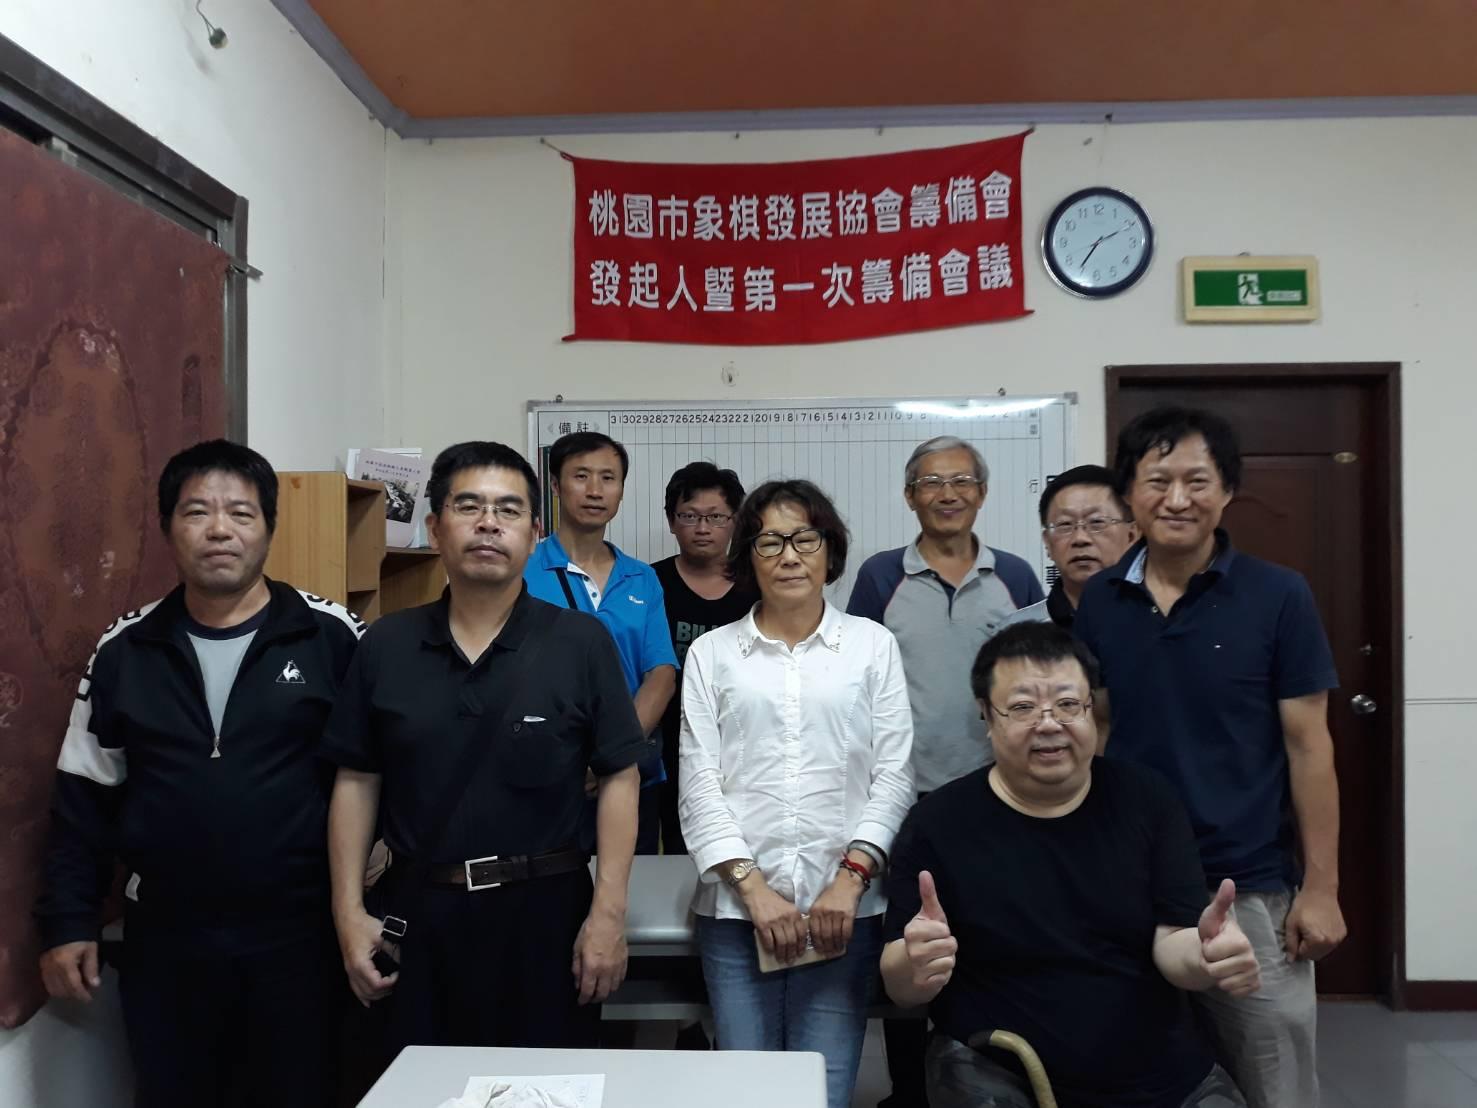 桃園市象棋發展協會第一次籌備會議2